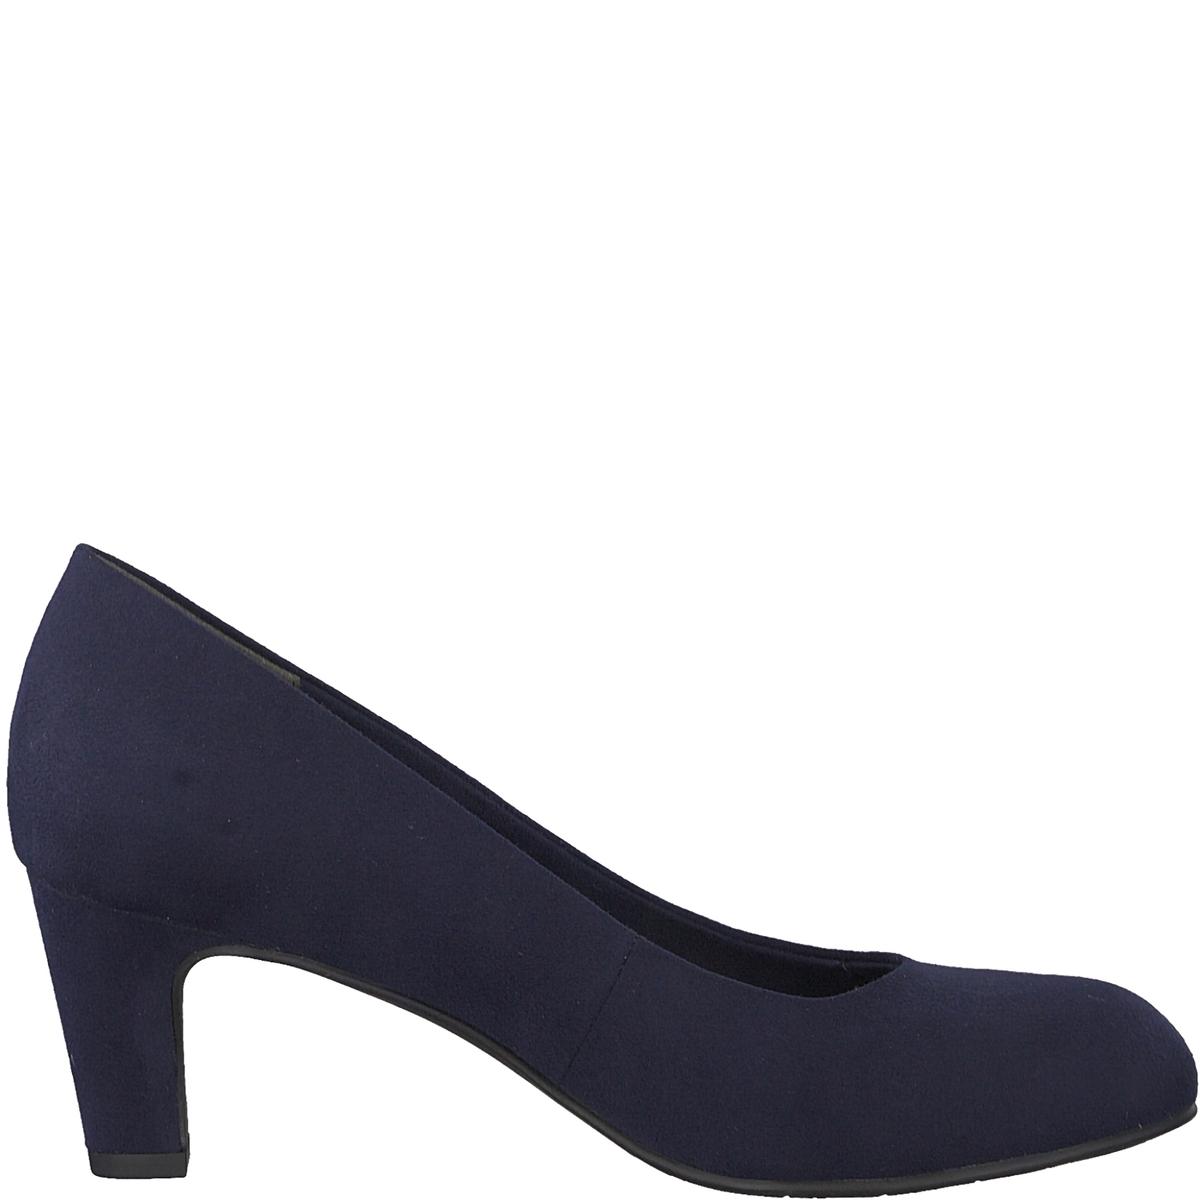 Туфли тканевыеДетали  •  Широкий каблук •  Высота каблука : 6 см •  Застежка : без застежки •  Круглый мысокСостав и уход  •  Верх 100% текстиль •  Подкладка 50% синтетического материала, 50% текстиля •  Стелька 100% синтетический материал<br><br>Цвет: синий морской,черный